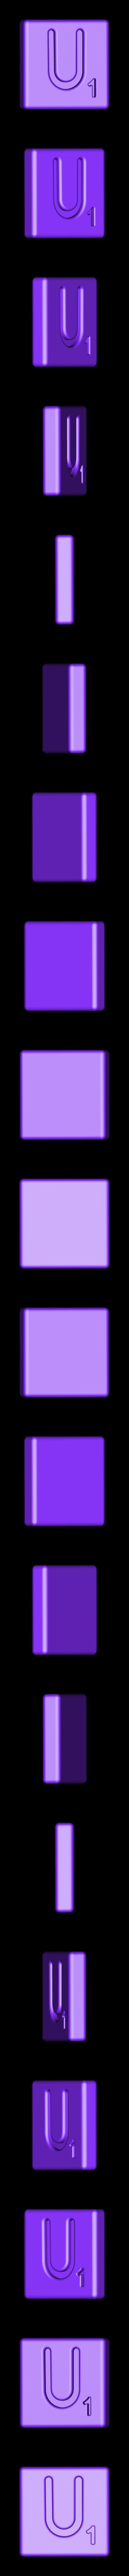 Single_Cut_U.STL Télécharger fichier STL gratuit Pièces et support SCRABBBLE • Design pour imprimante 3D, Balkhagal4D